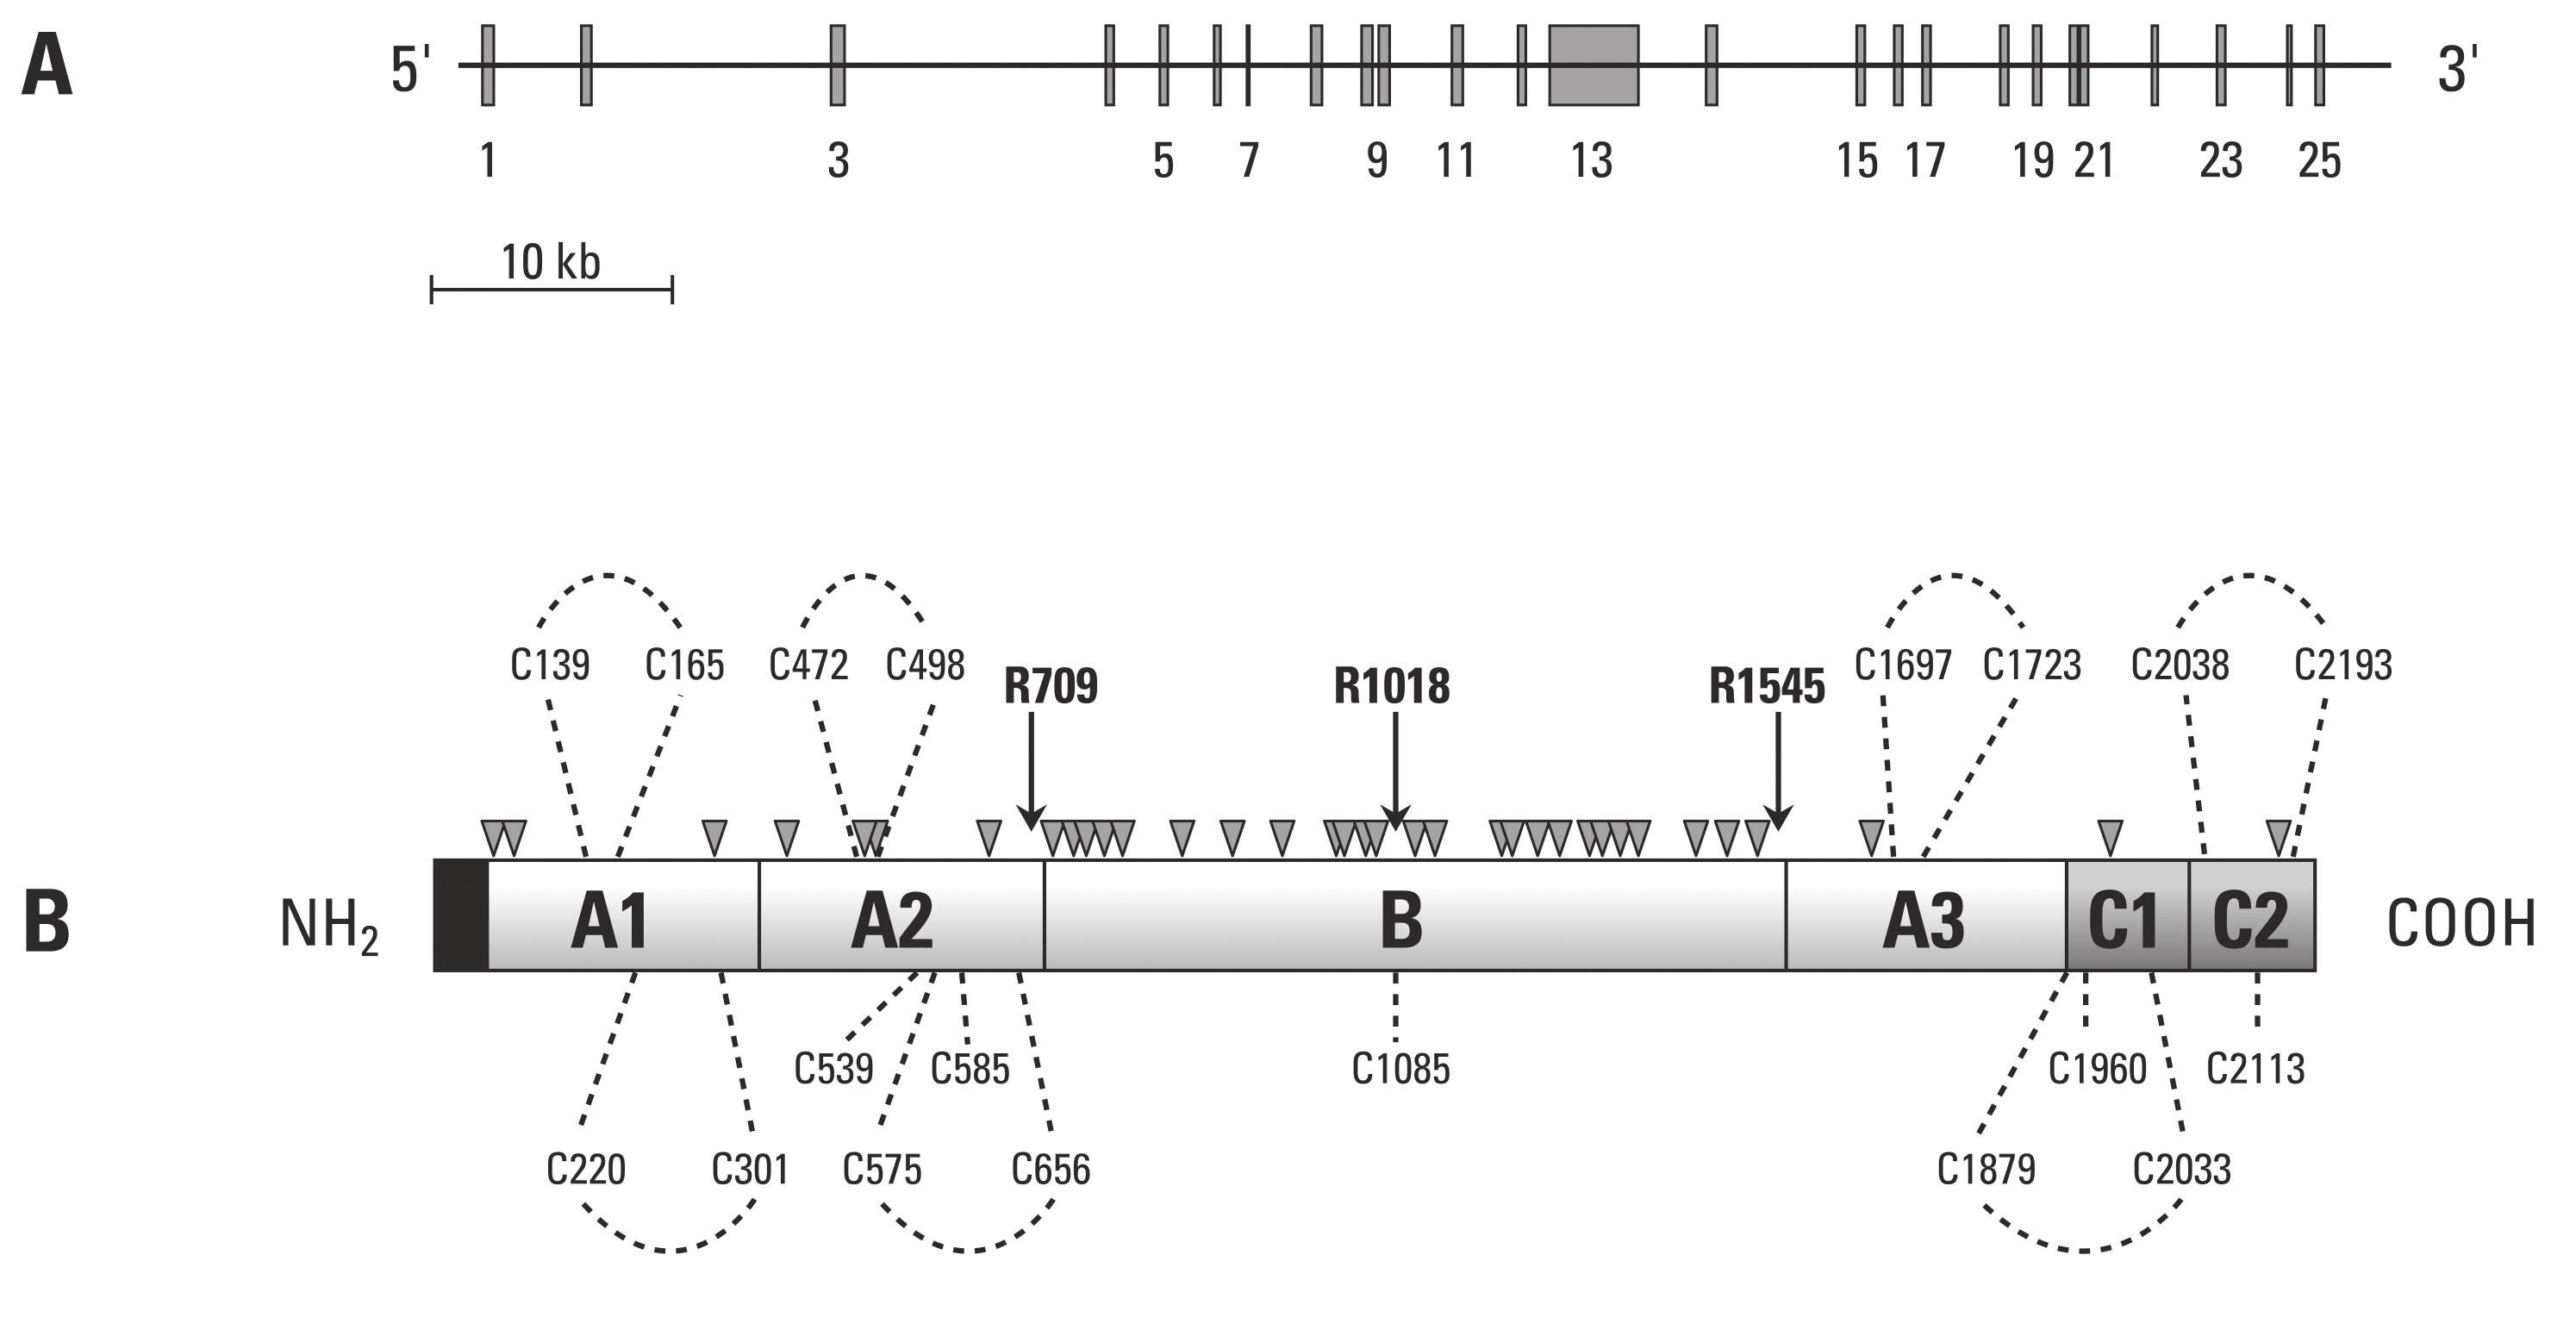 Schematické znázornění struktury F V (převzato z práce Segers K., Dahlbäck B, Nicolaes G. Coagulation factor V and thrombophilia: Background and mechanisms).